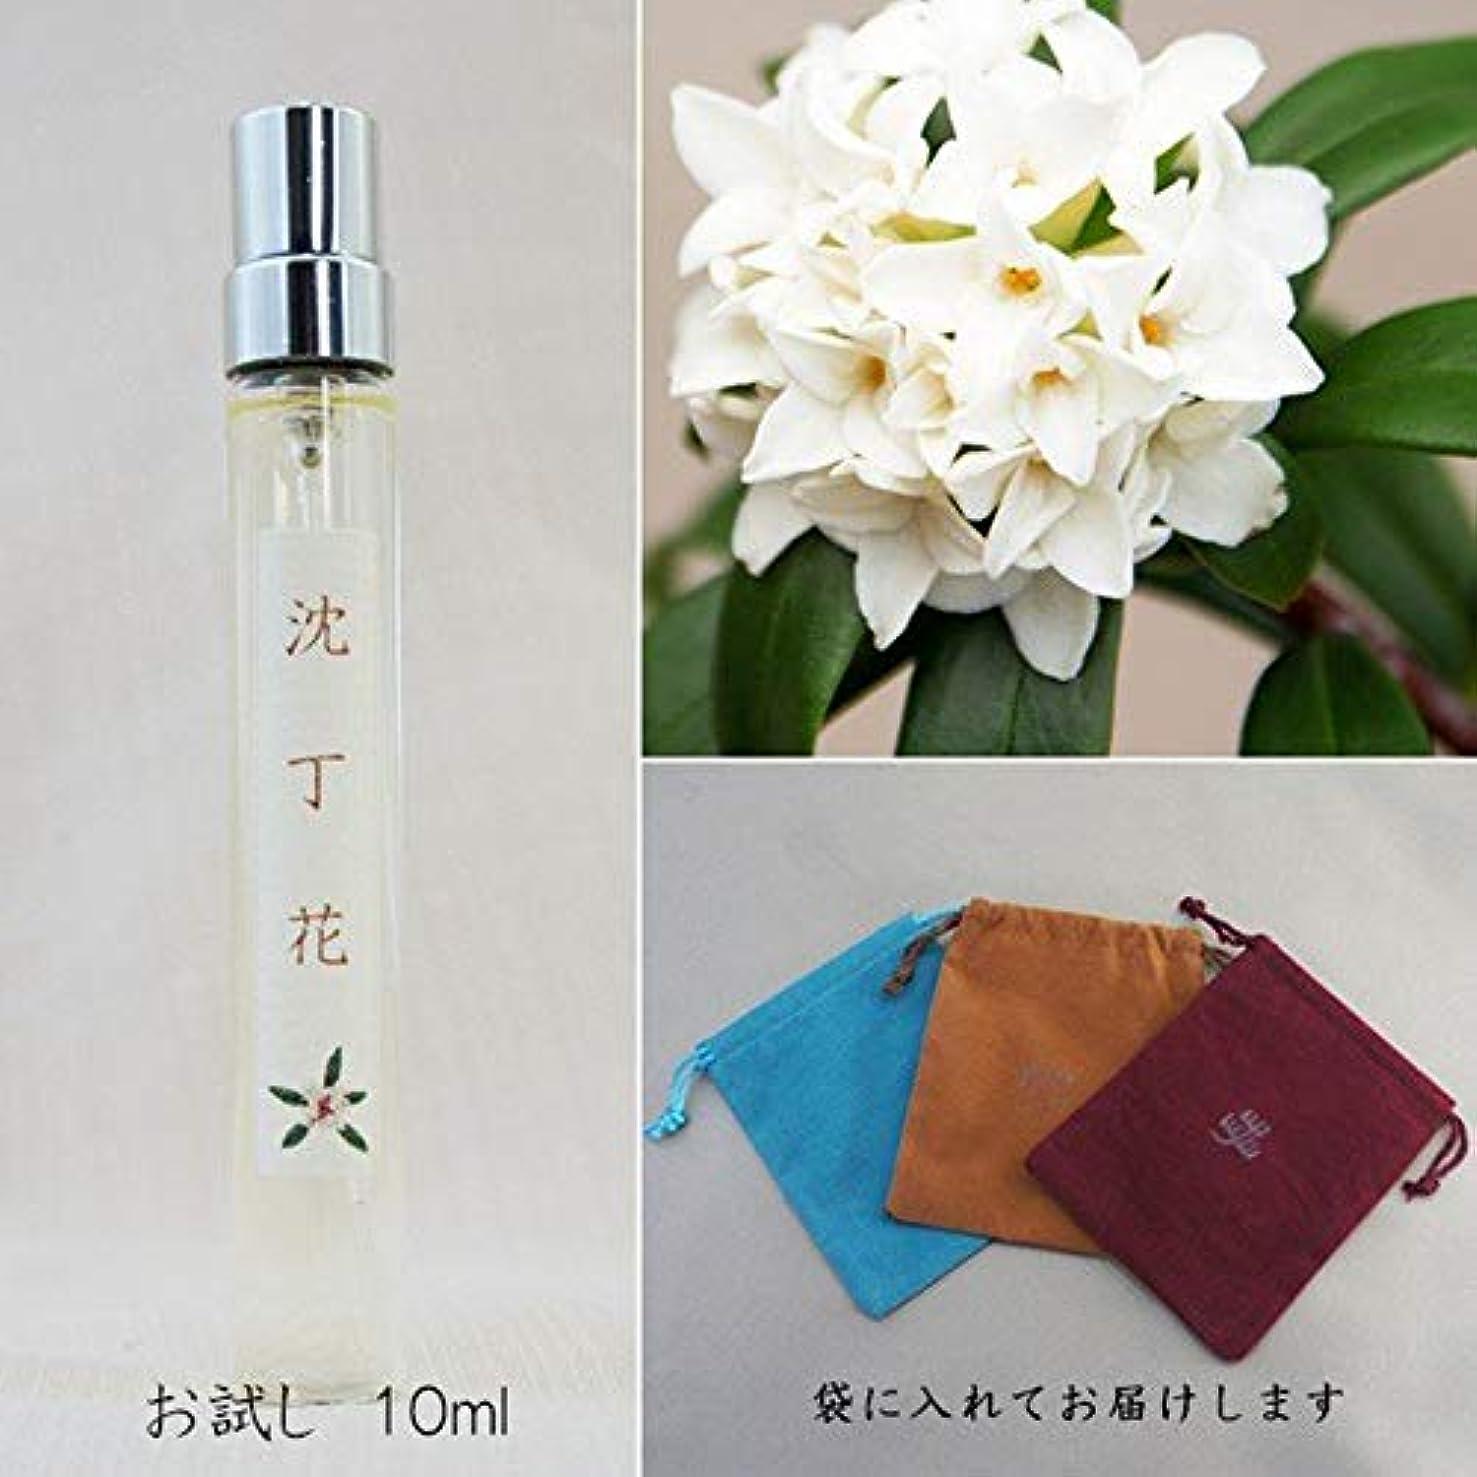 特異性雄大なめったに和香水「三大香木シリーズ」10ml (沈丁花)